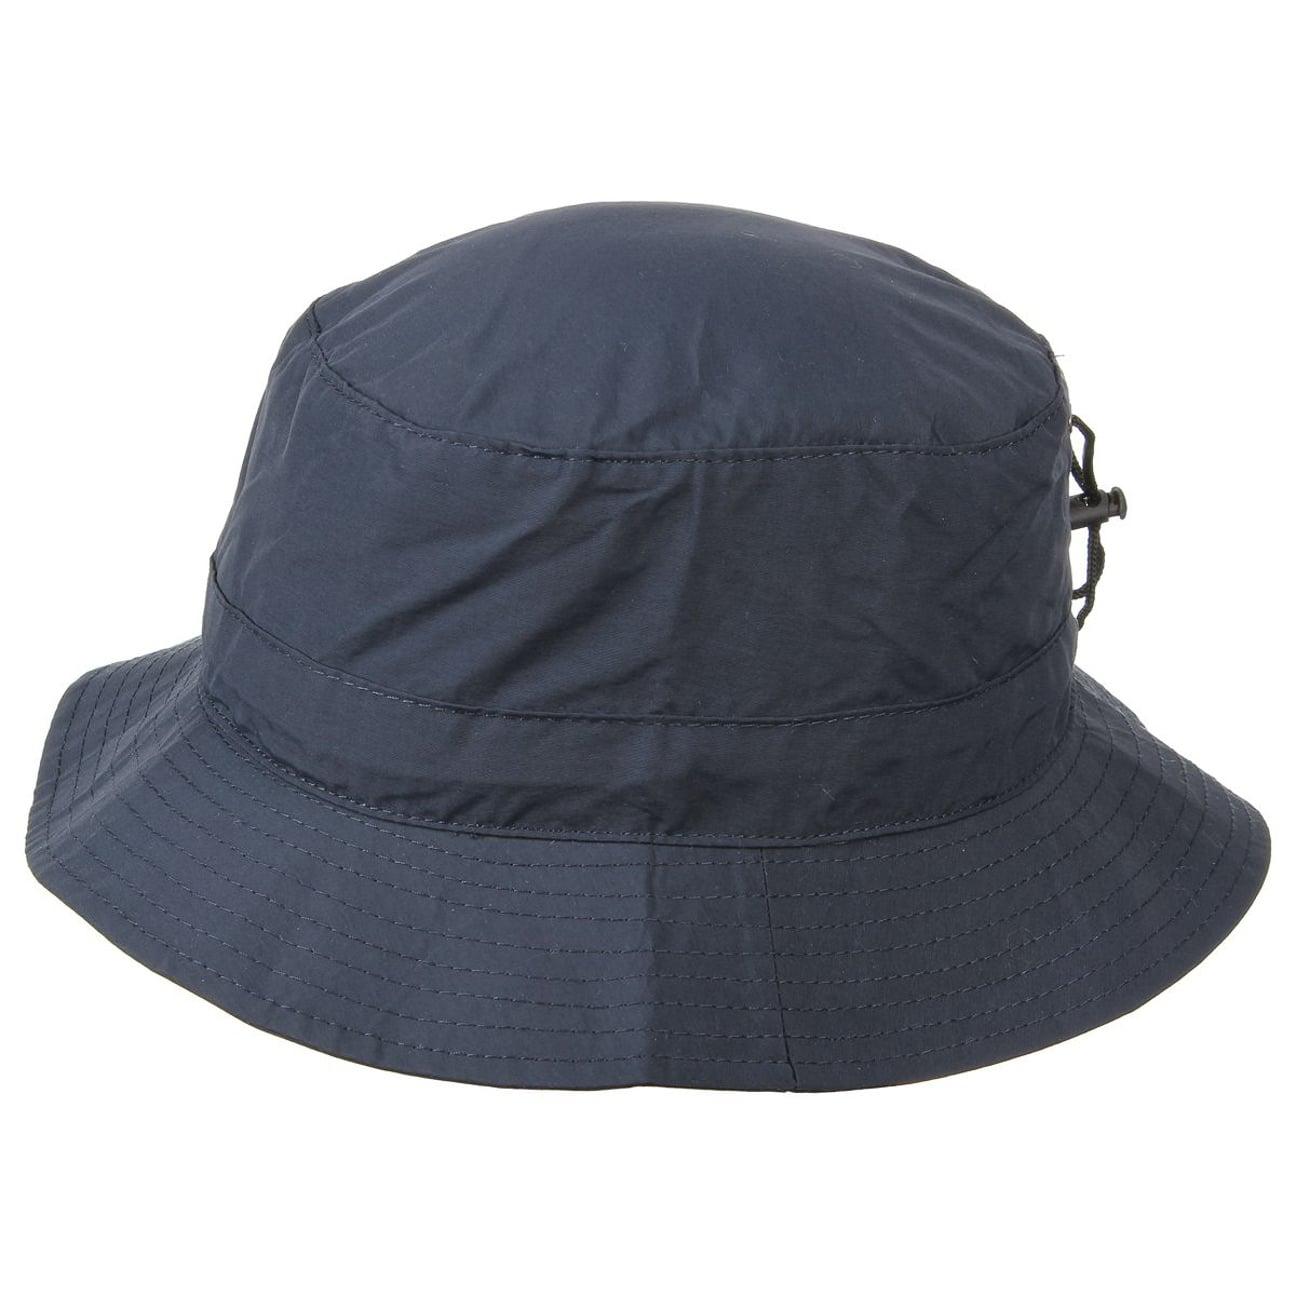 c7dd8b2dc8948 Sombrero de Pescador Foldy - Sombreros - sombreroshop.es